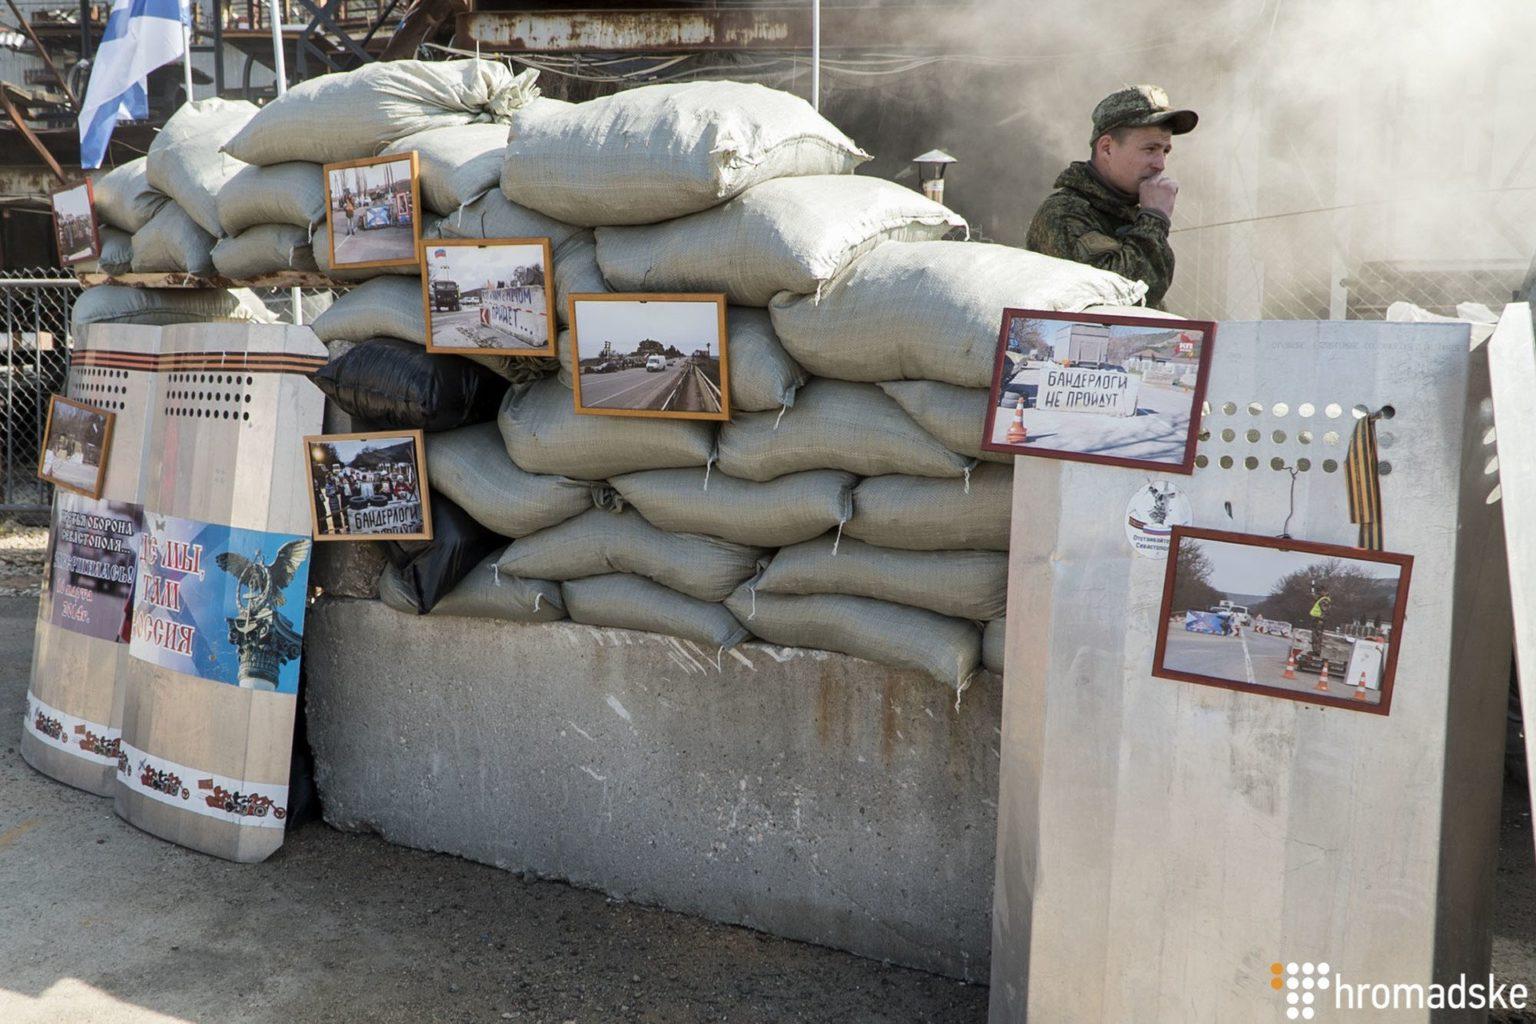 Аннексия Крыма 6 лет спустя – это может произойти с каждым